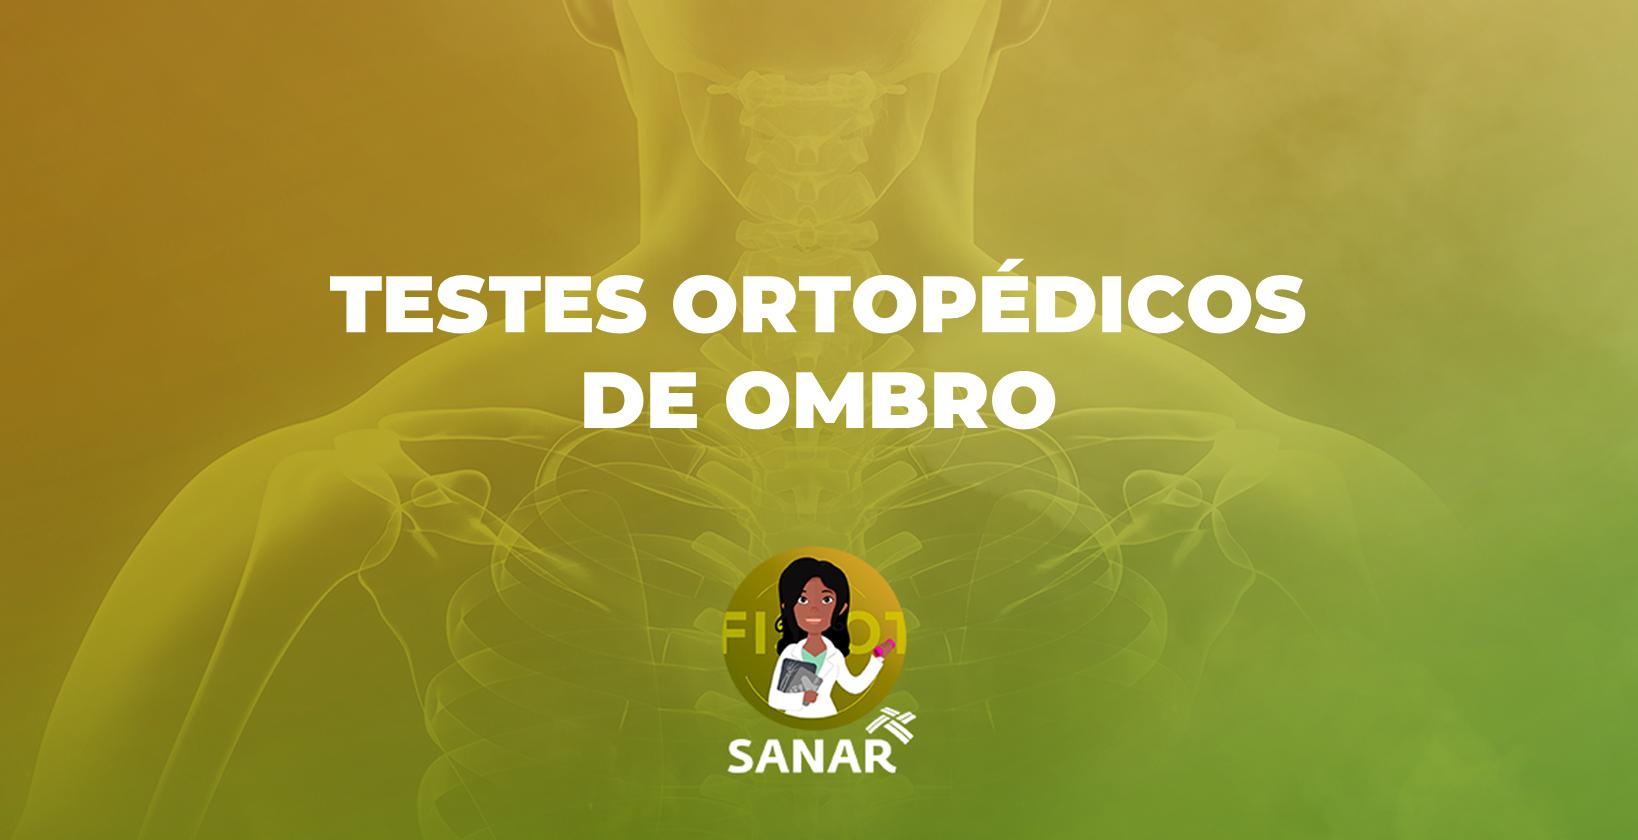 Testes Ortopédicos do Ombro